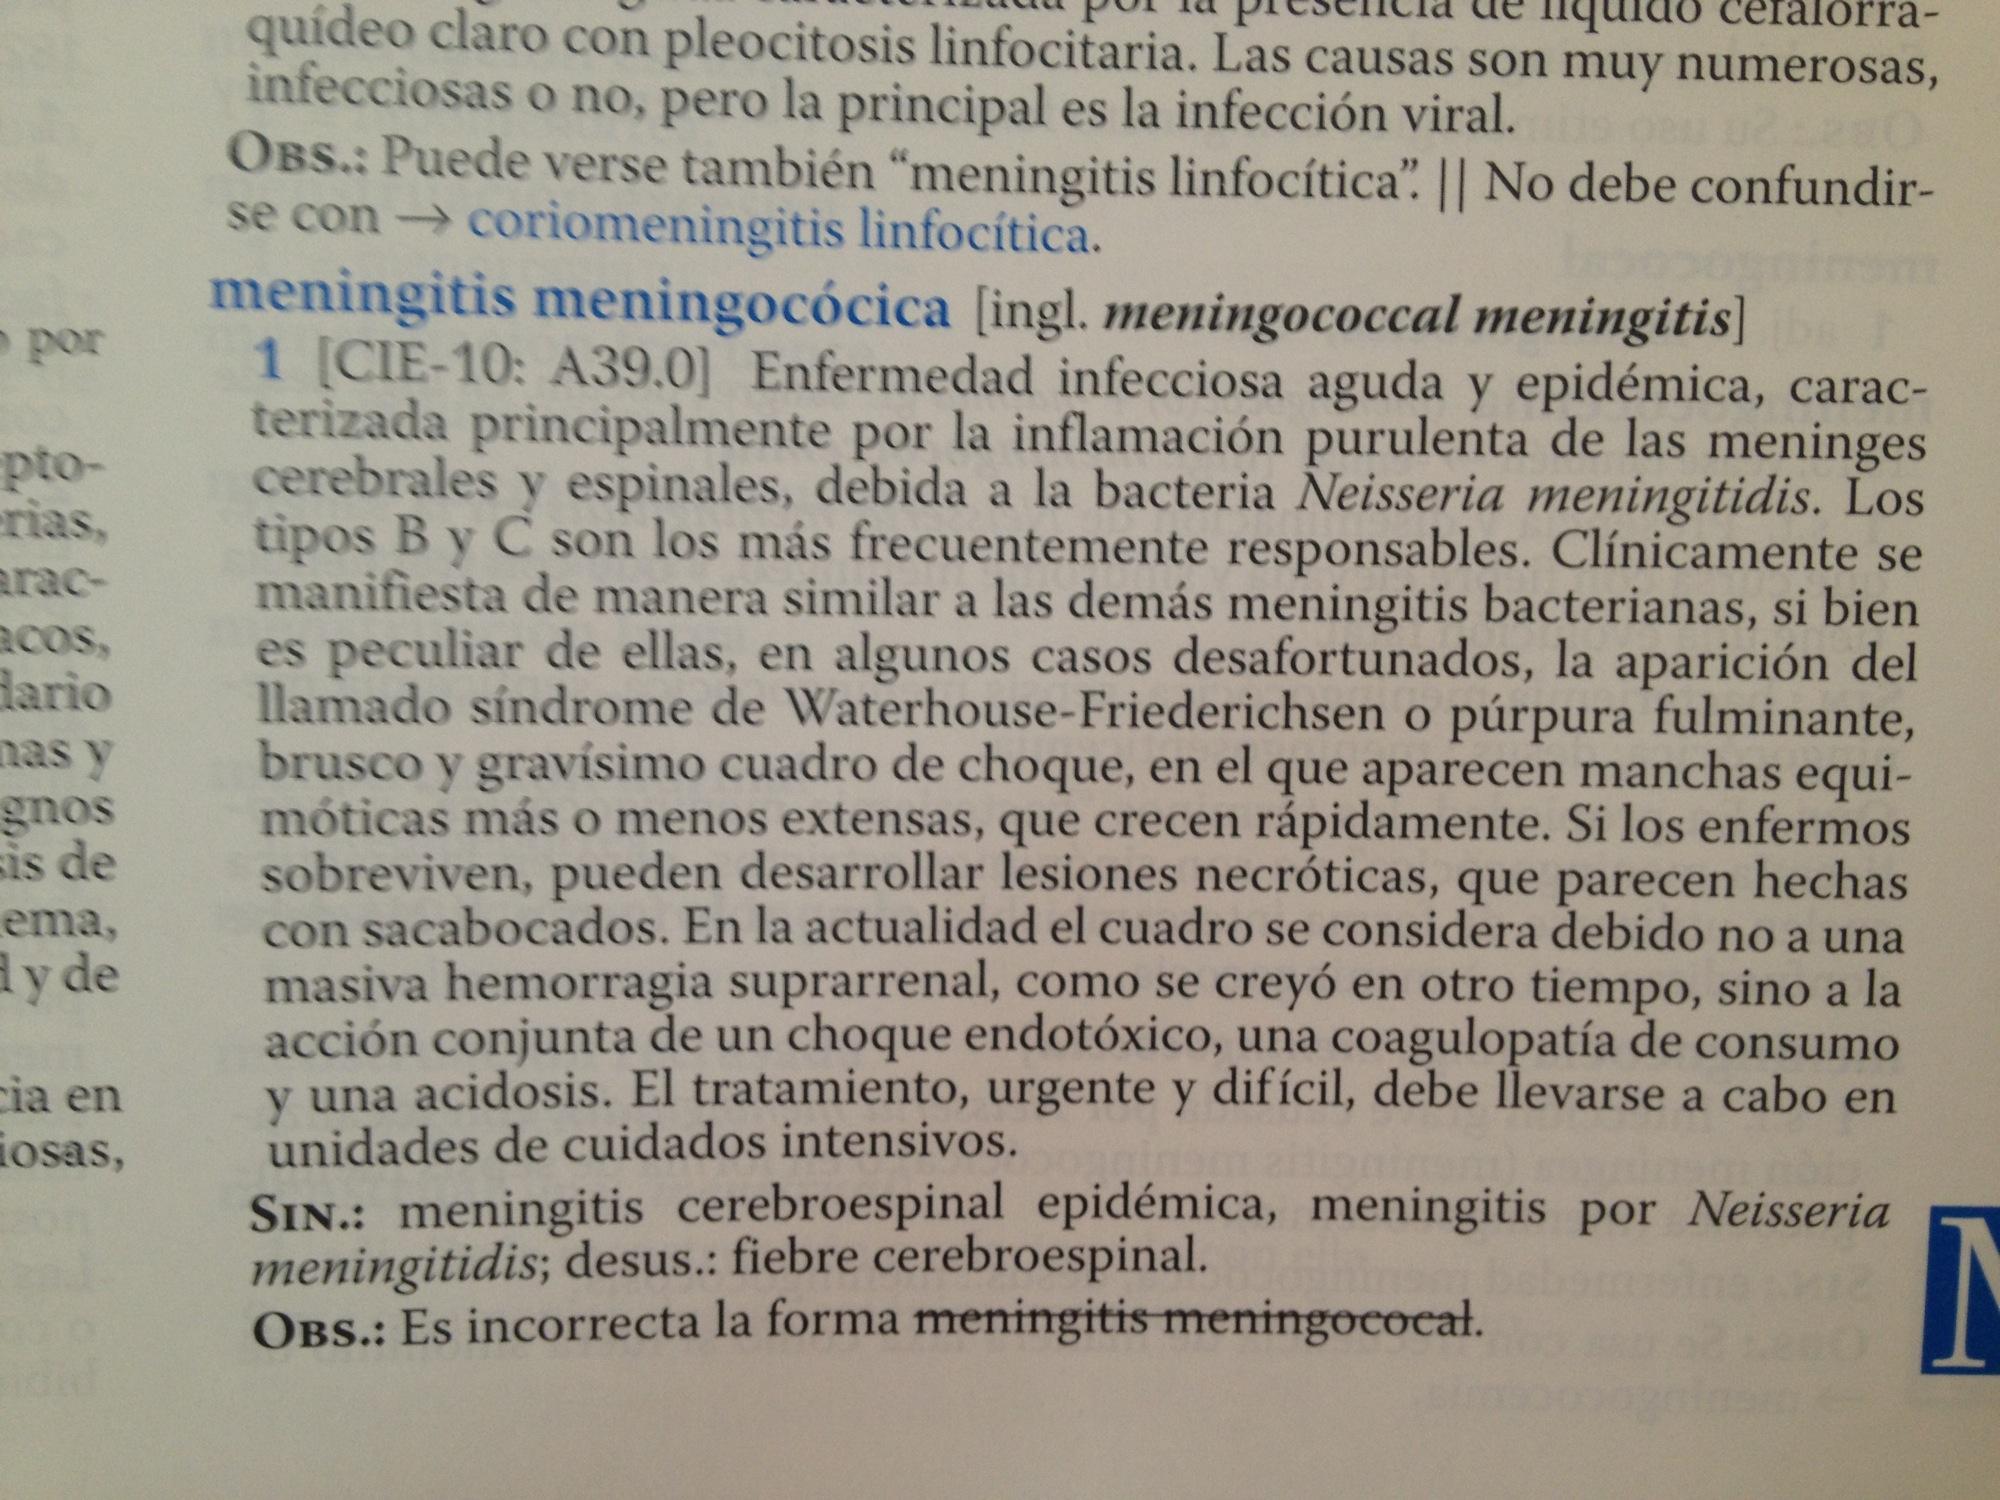 Diccionario de Términos Médicos, entrada meningitis menigocócica.